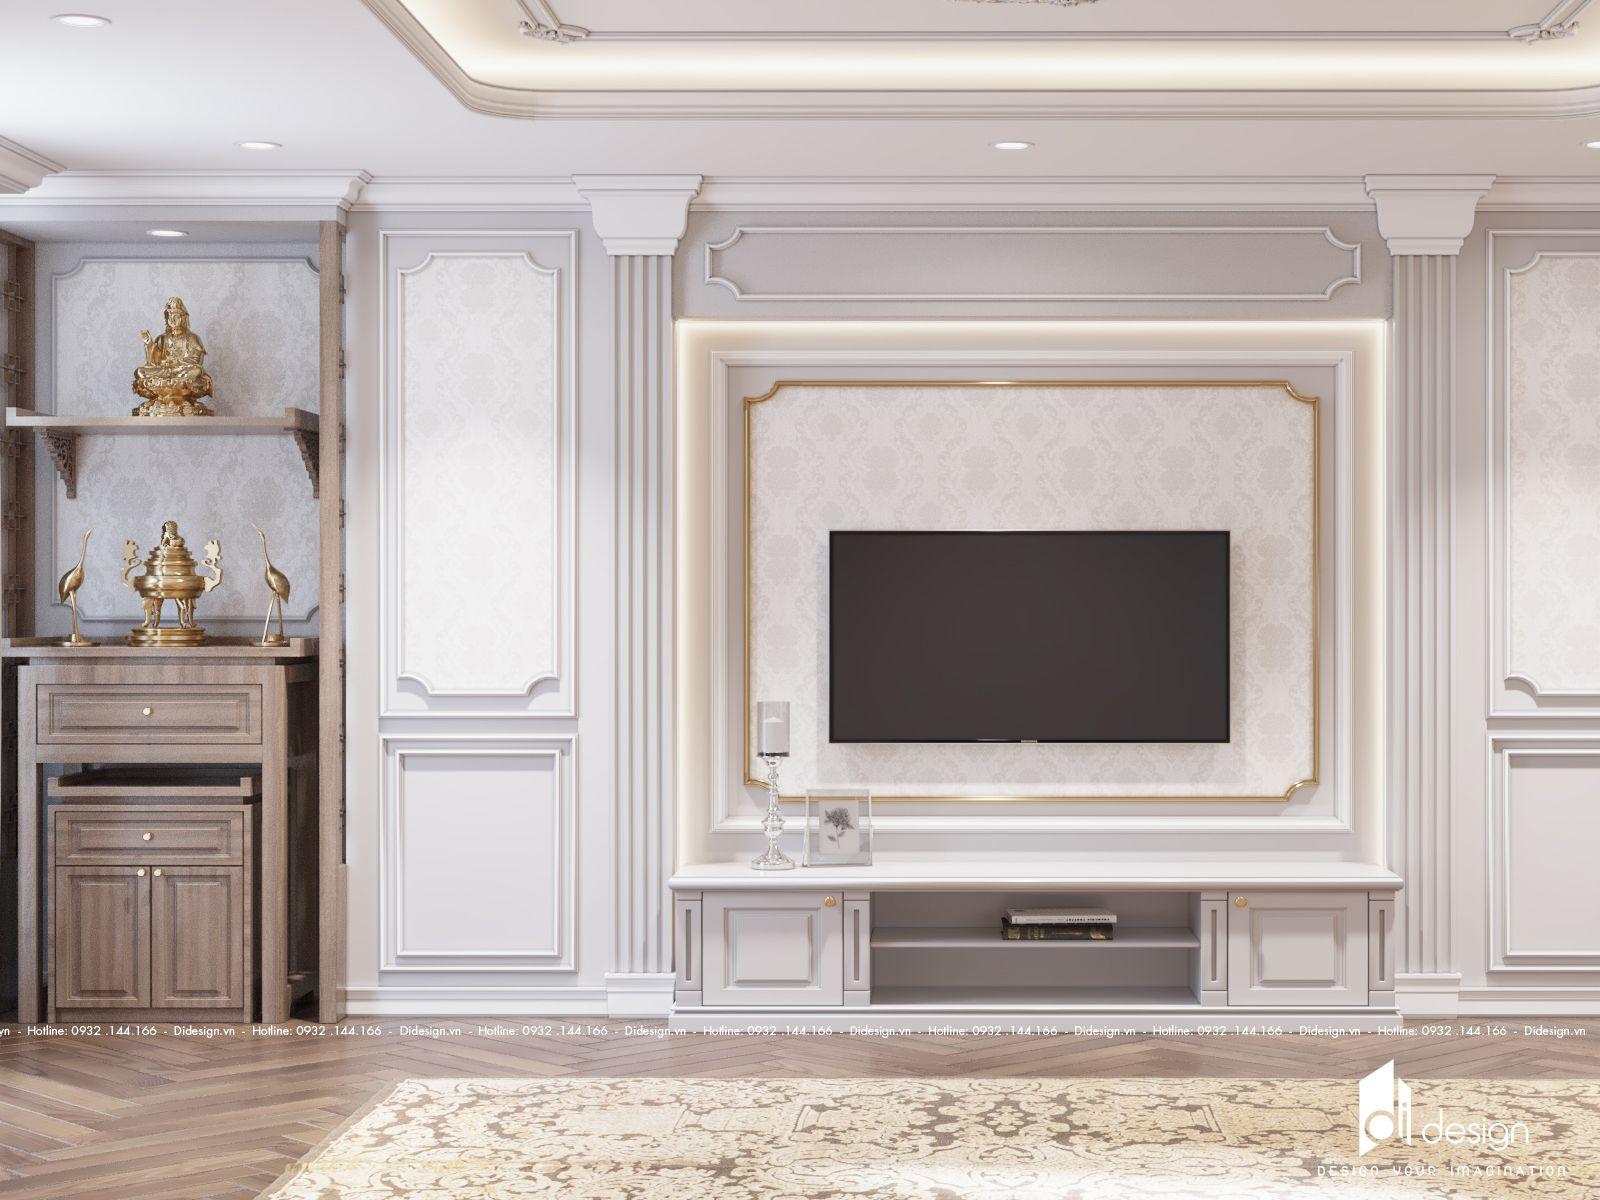 Thiết kế nội thất nhà tân cổ điển đầy ấn tượng